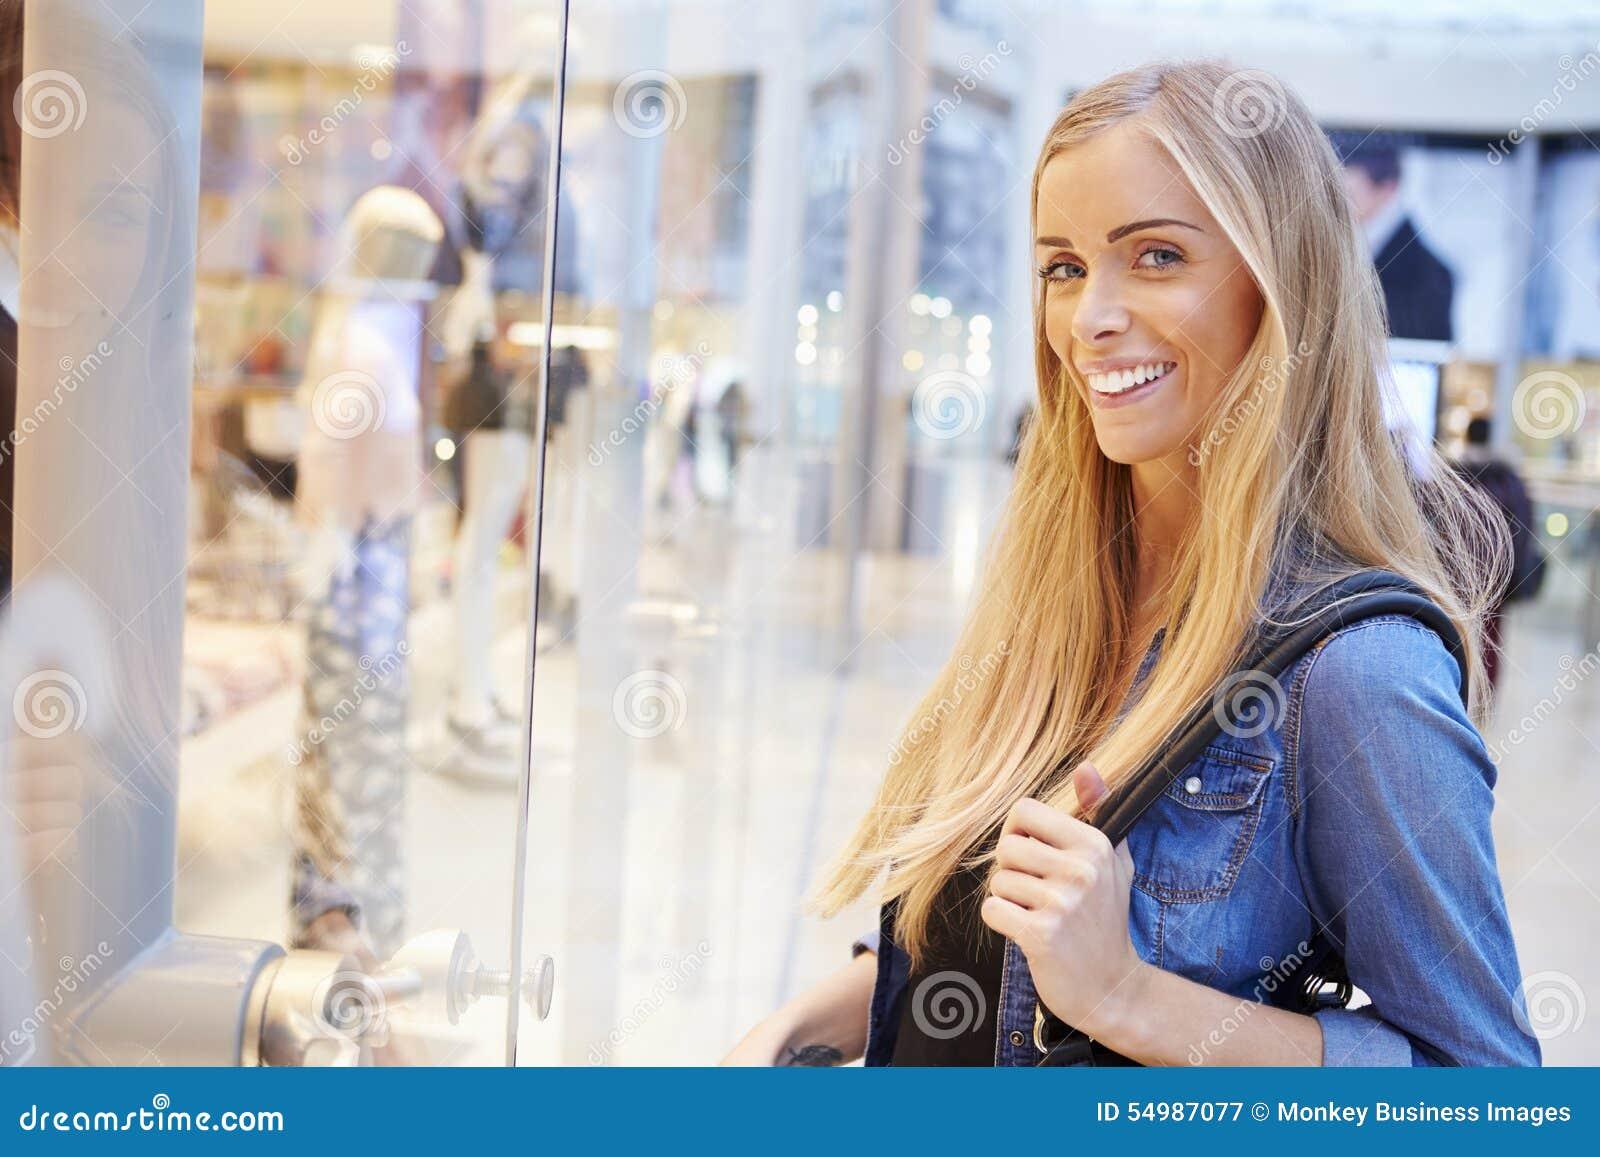 Kvinnlig shoppare som ser i lagerfönster inom shoppinggalleria